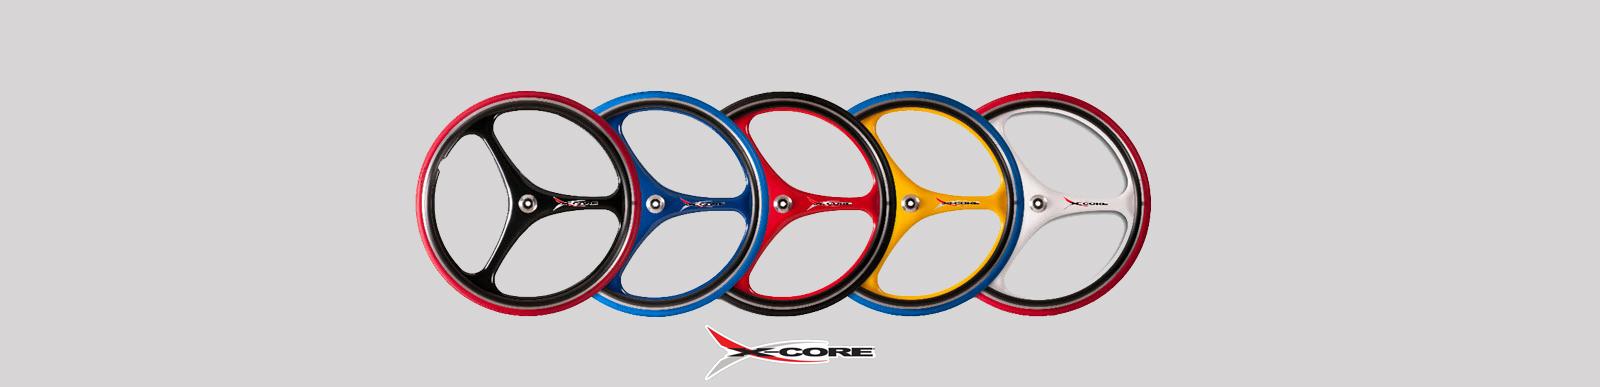 3-spoke-xcore-wheels